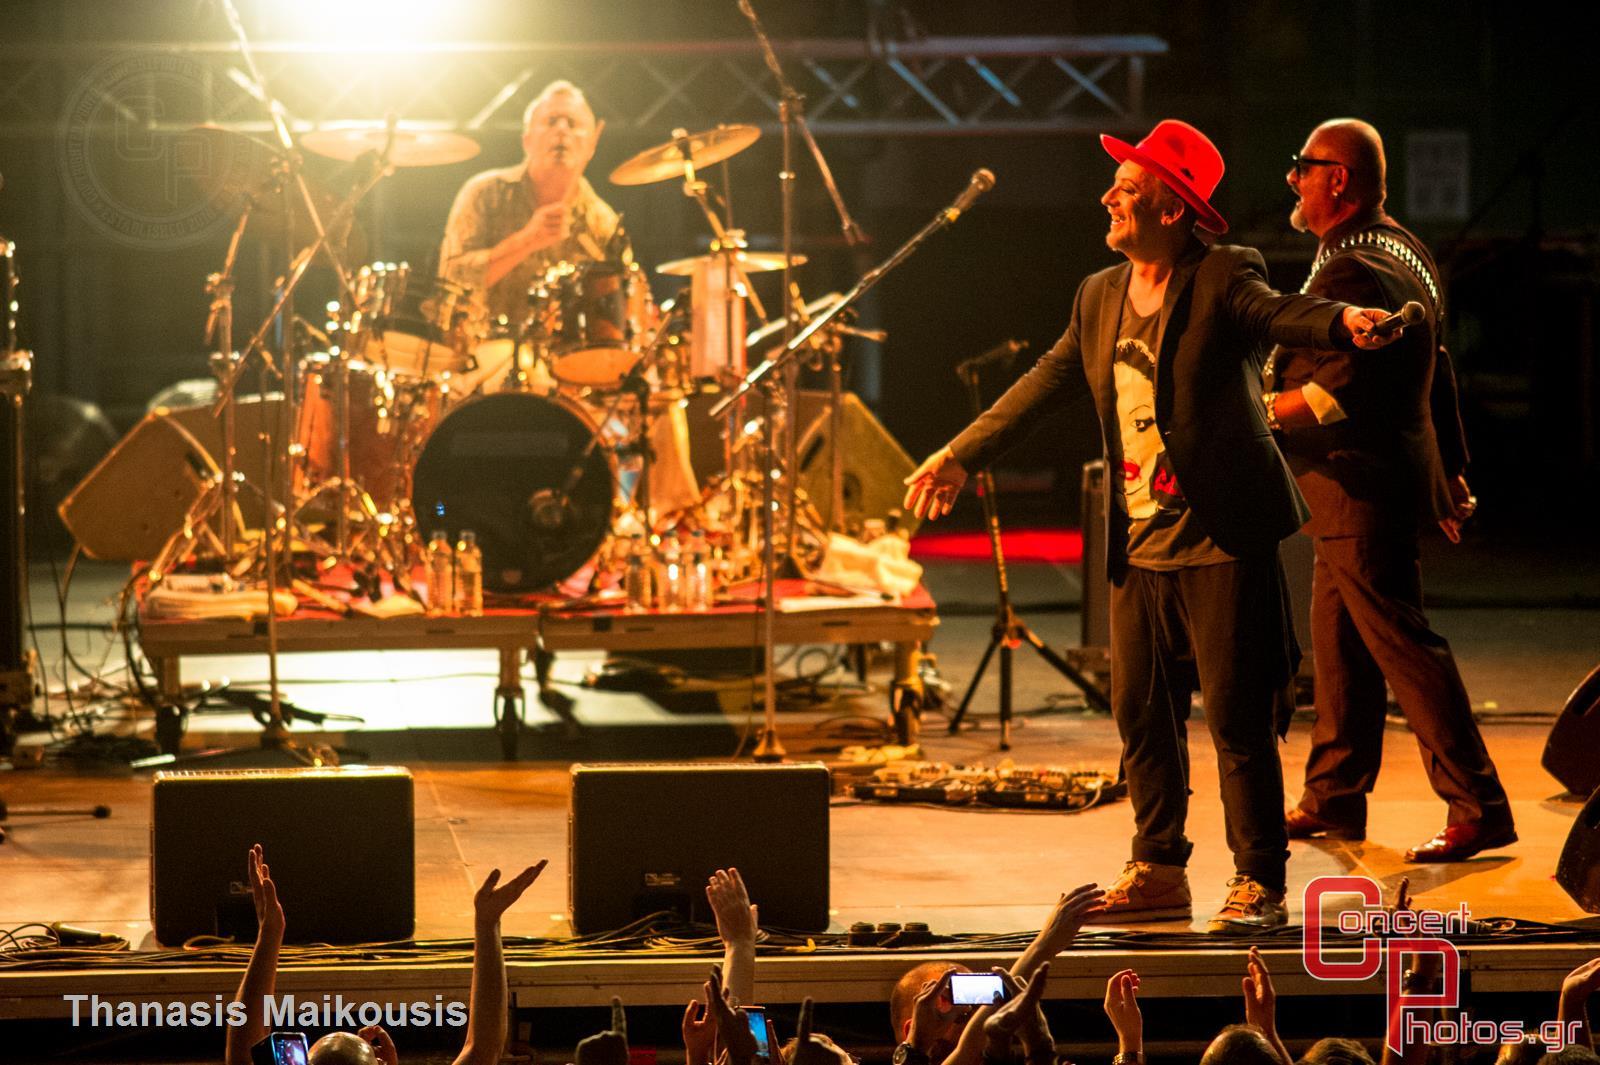 En Lefko 2014-En Lefko 2014 photographer: Thanasis Maikousis - concertphotos_20140621_23_28_42